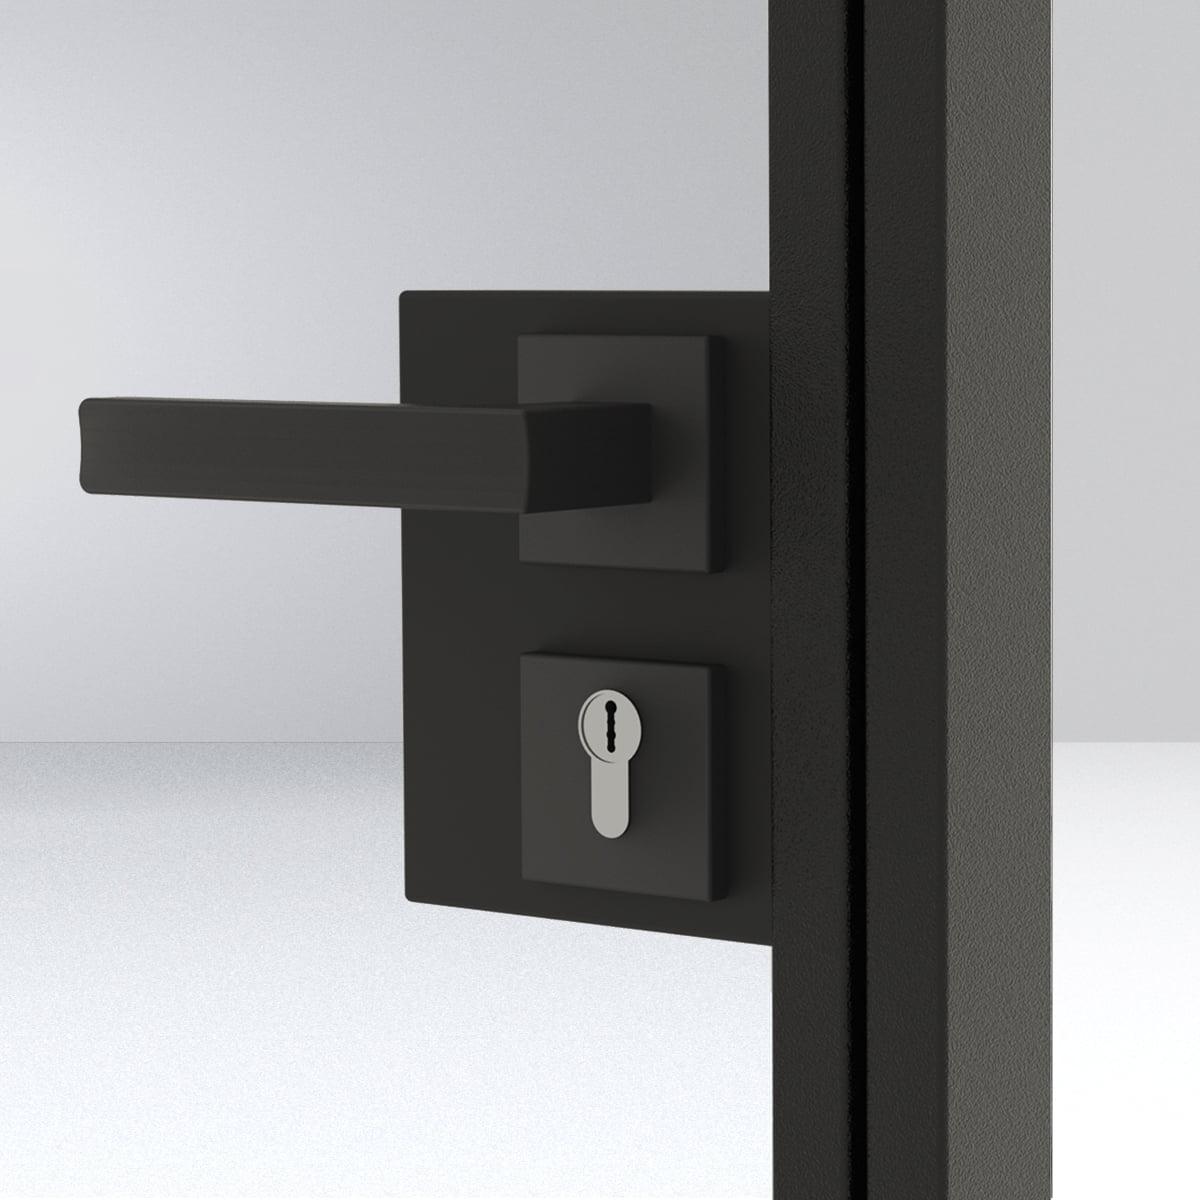 klamka kwadrat z zamkiem 1